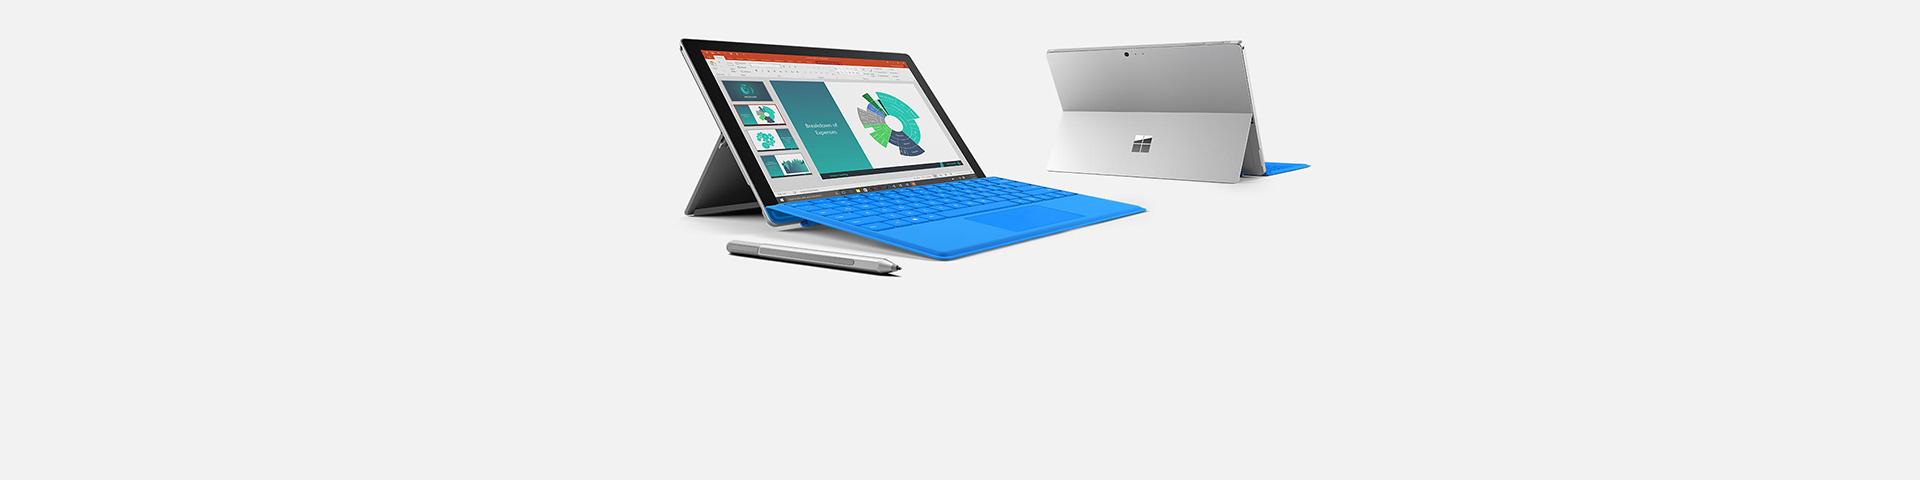 Surface Pro 4 디바이스, Surface Pro 4 디바이스 자세히 보기